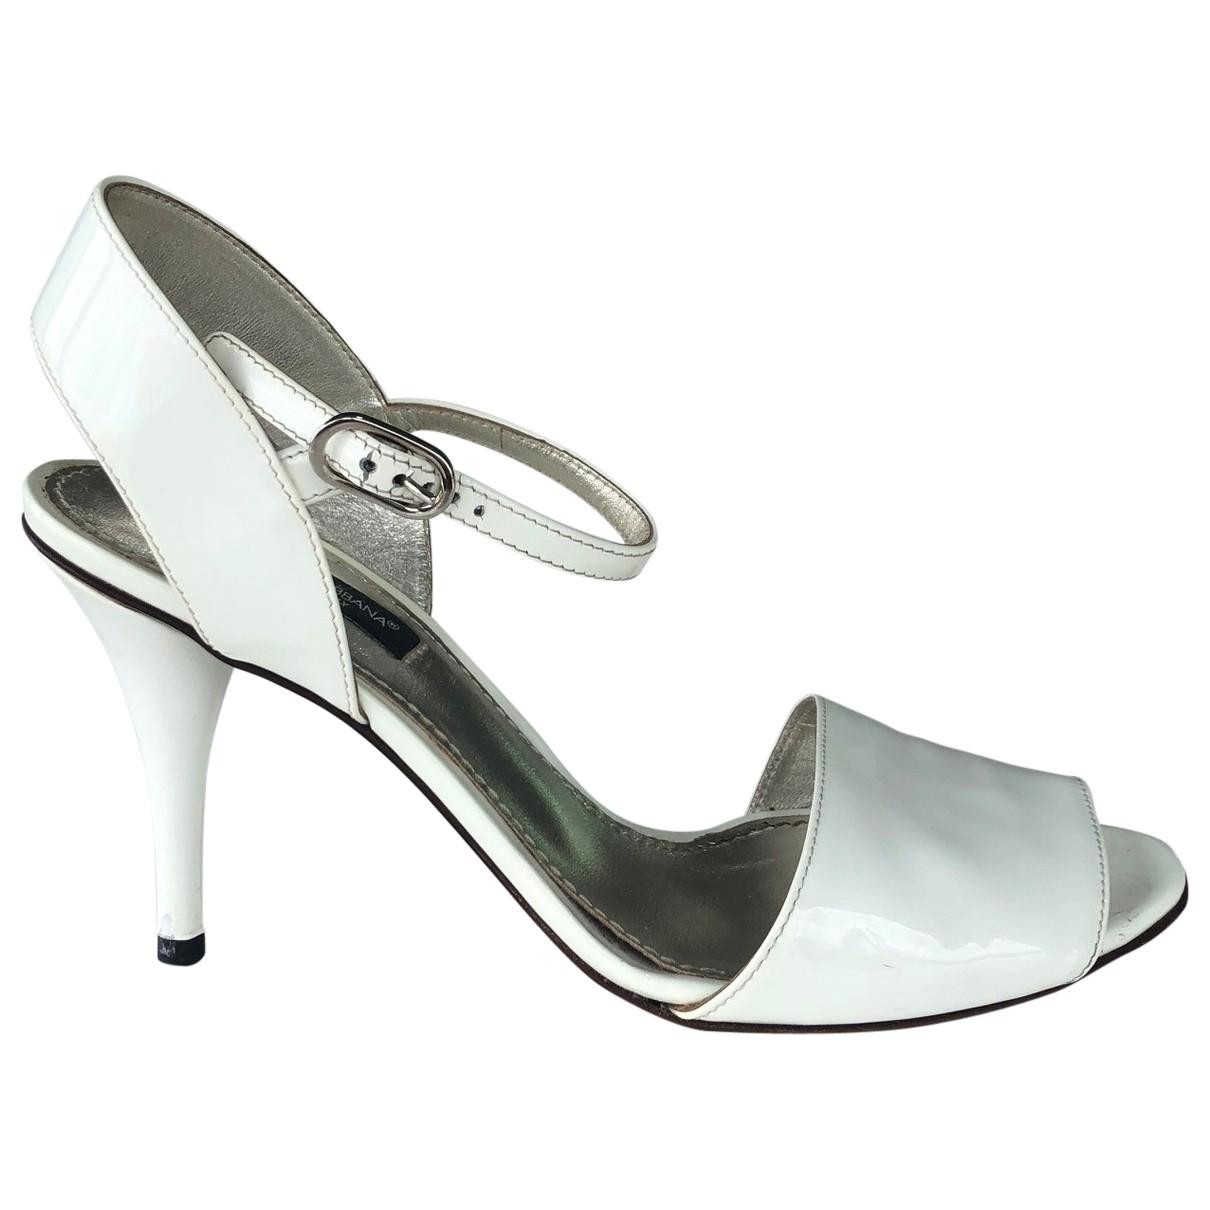 Dolce & Gabbana - Escarpins   pour femme en cuir verni - blanc